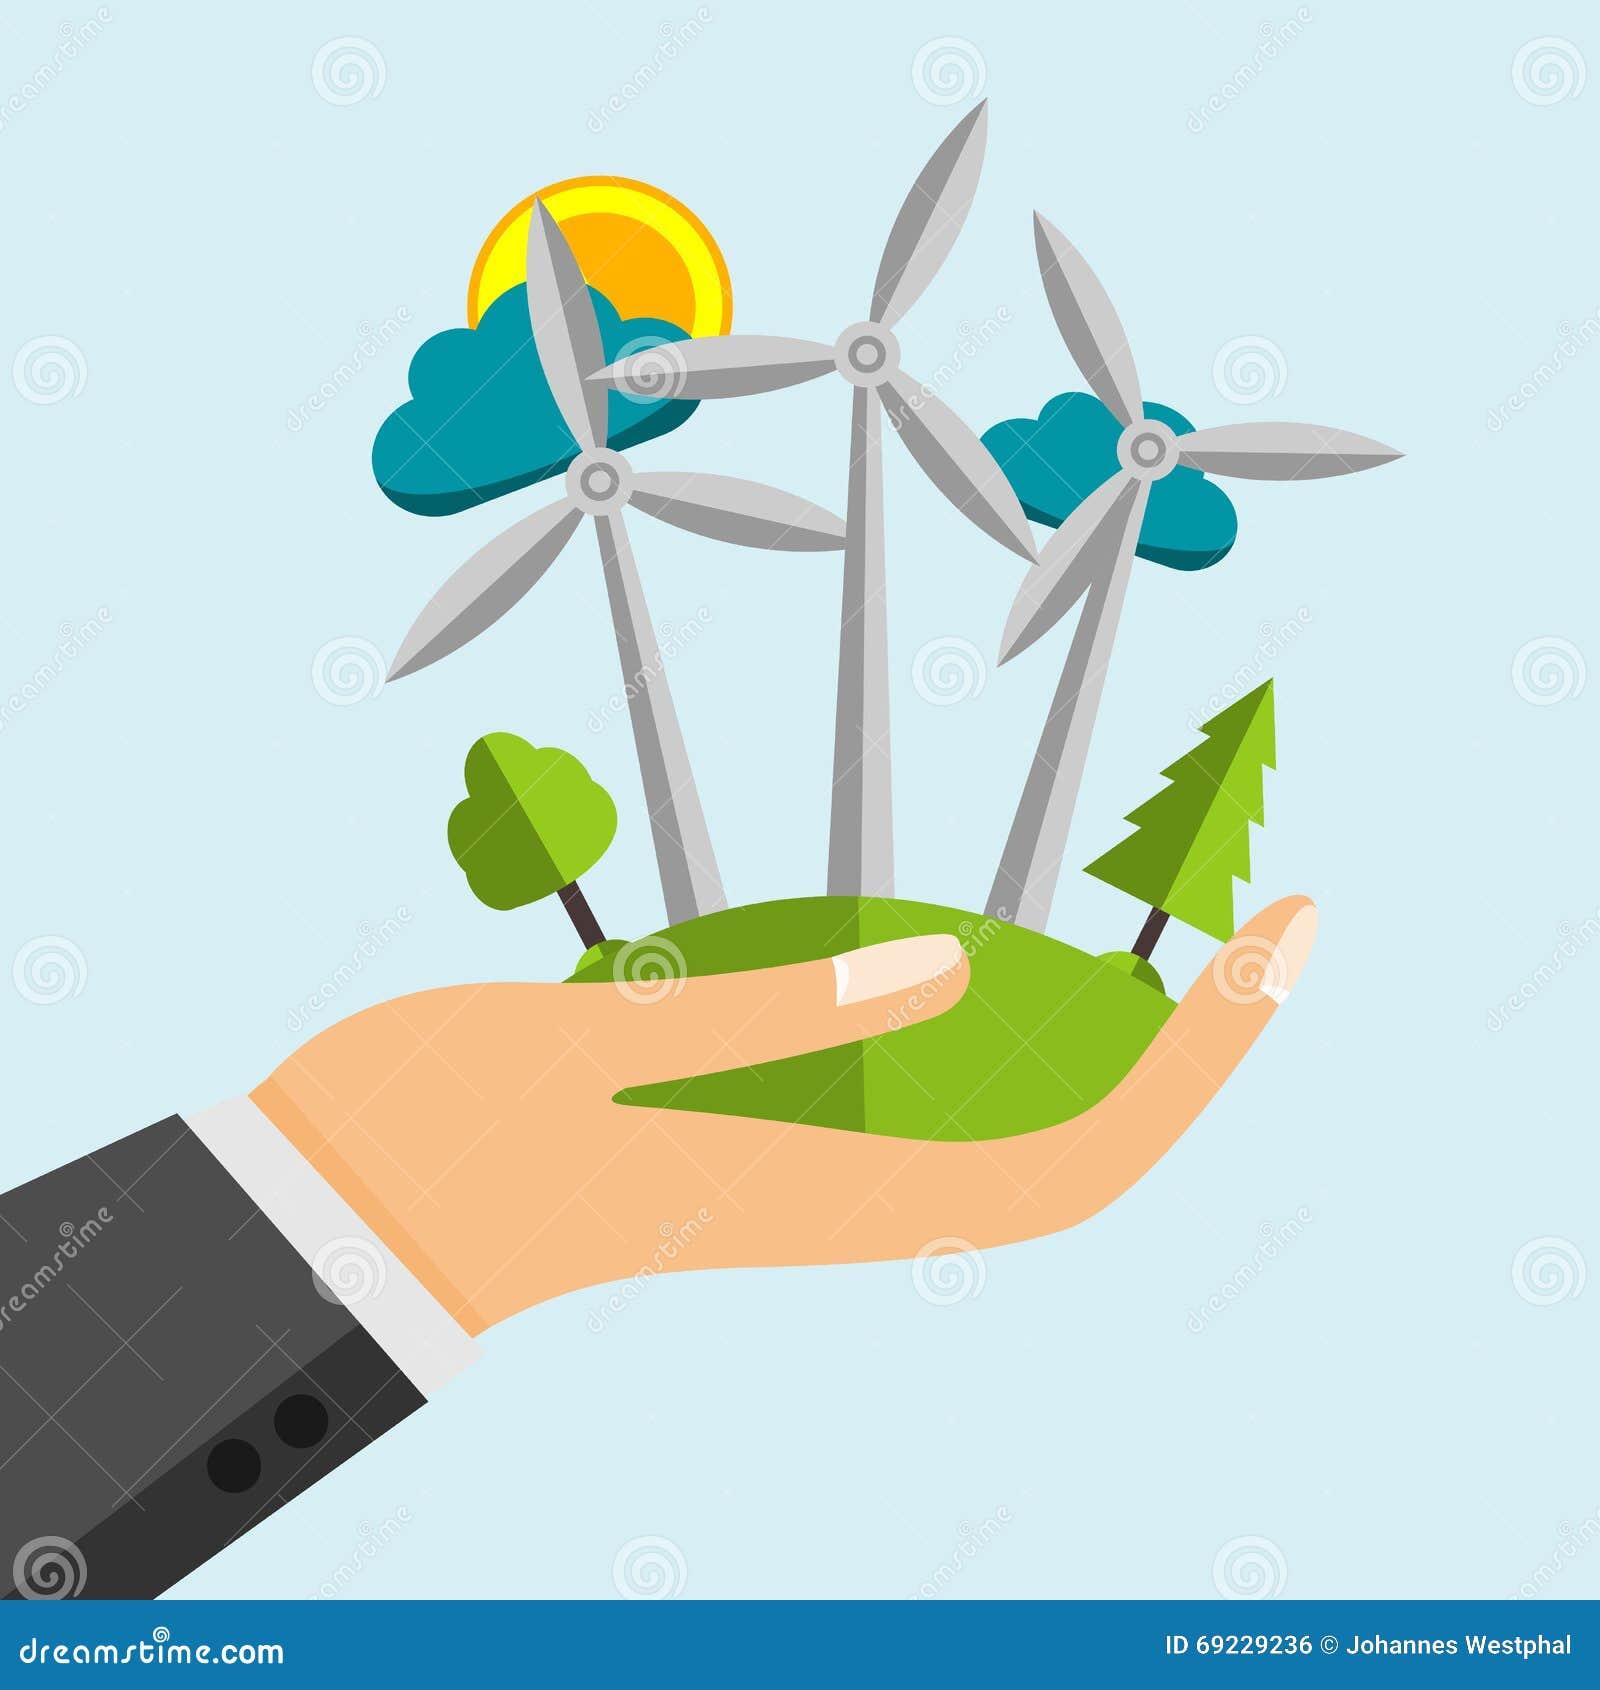 Generatore eolico fonti di energia rinnovabili in mano for Generatore di piano di pavimento online gratuito